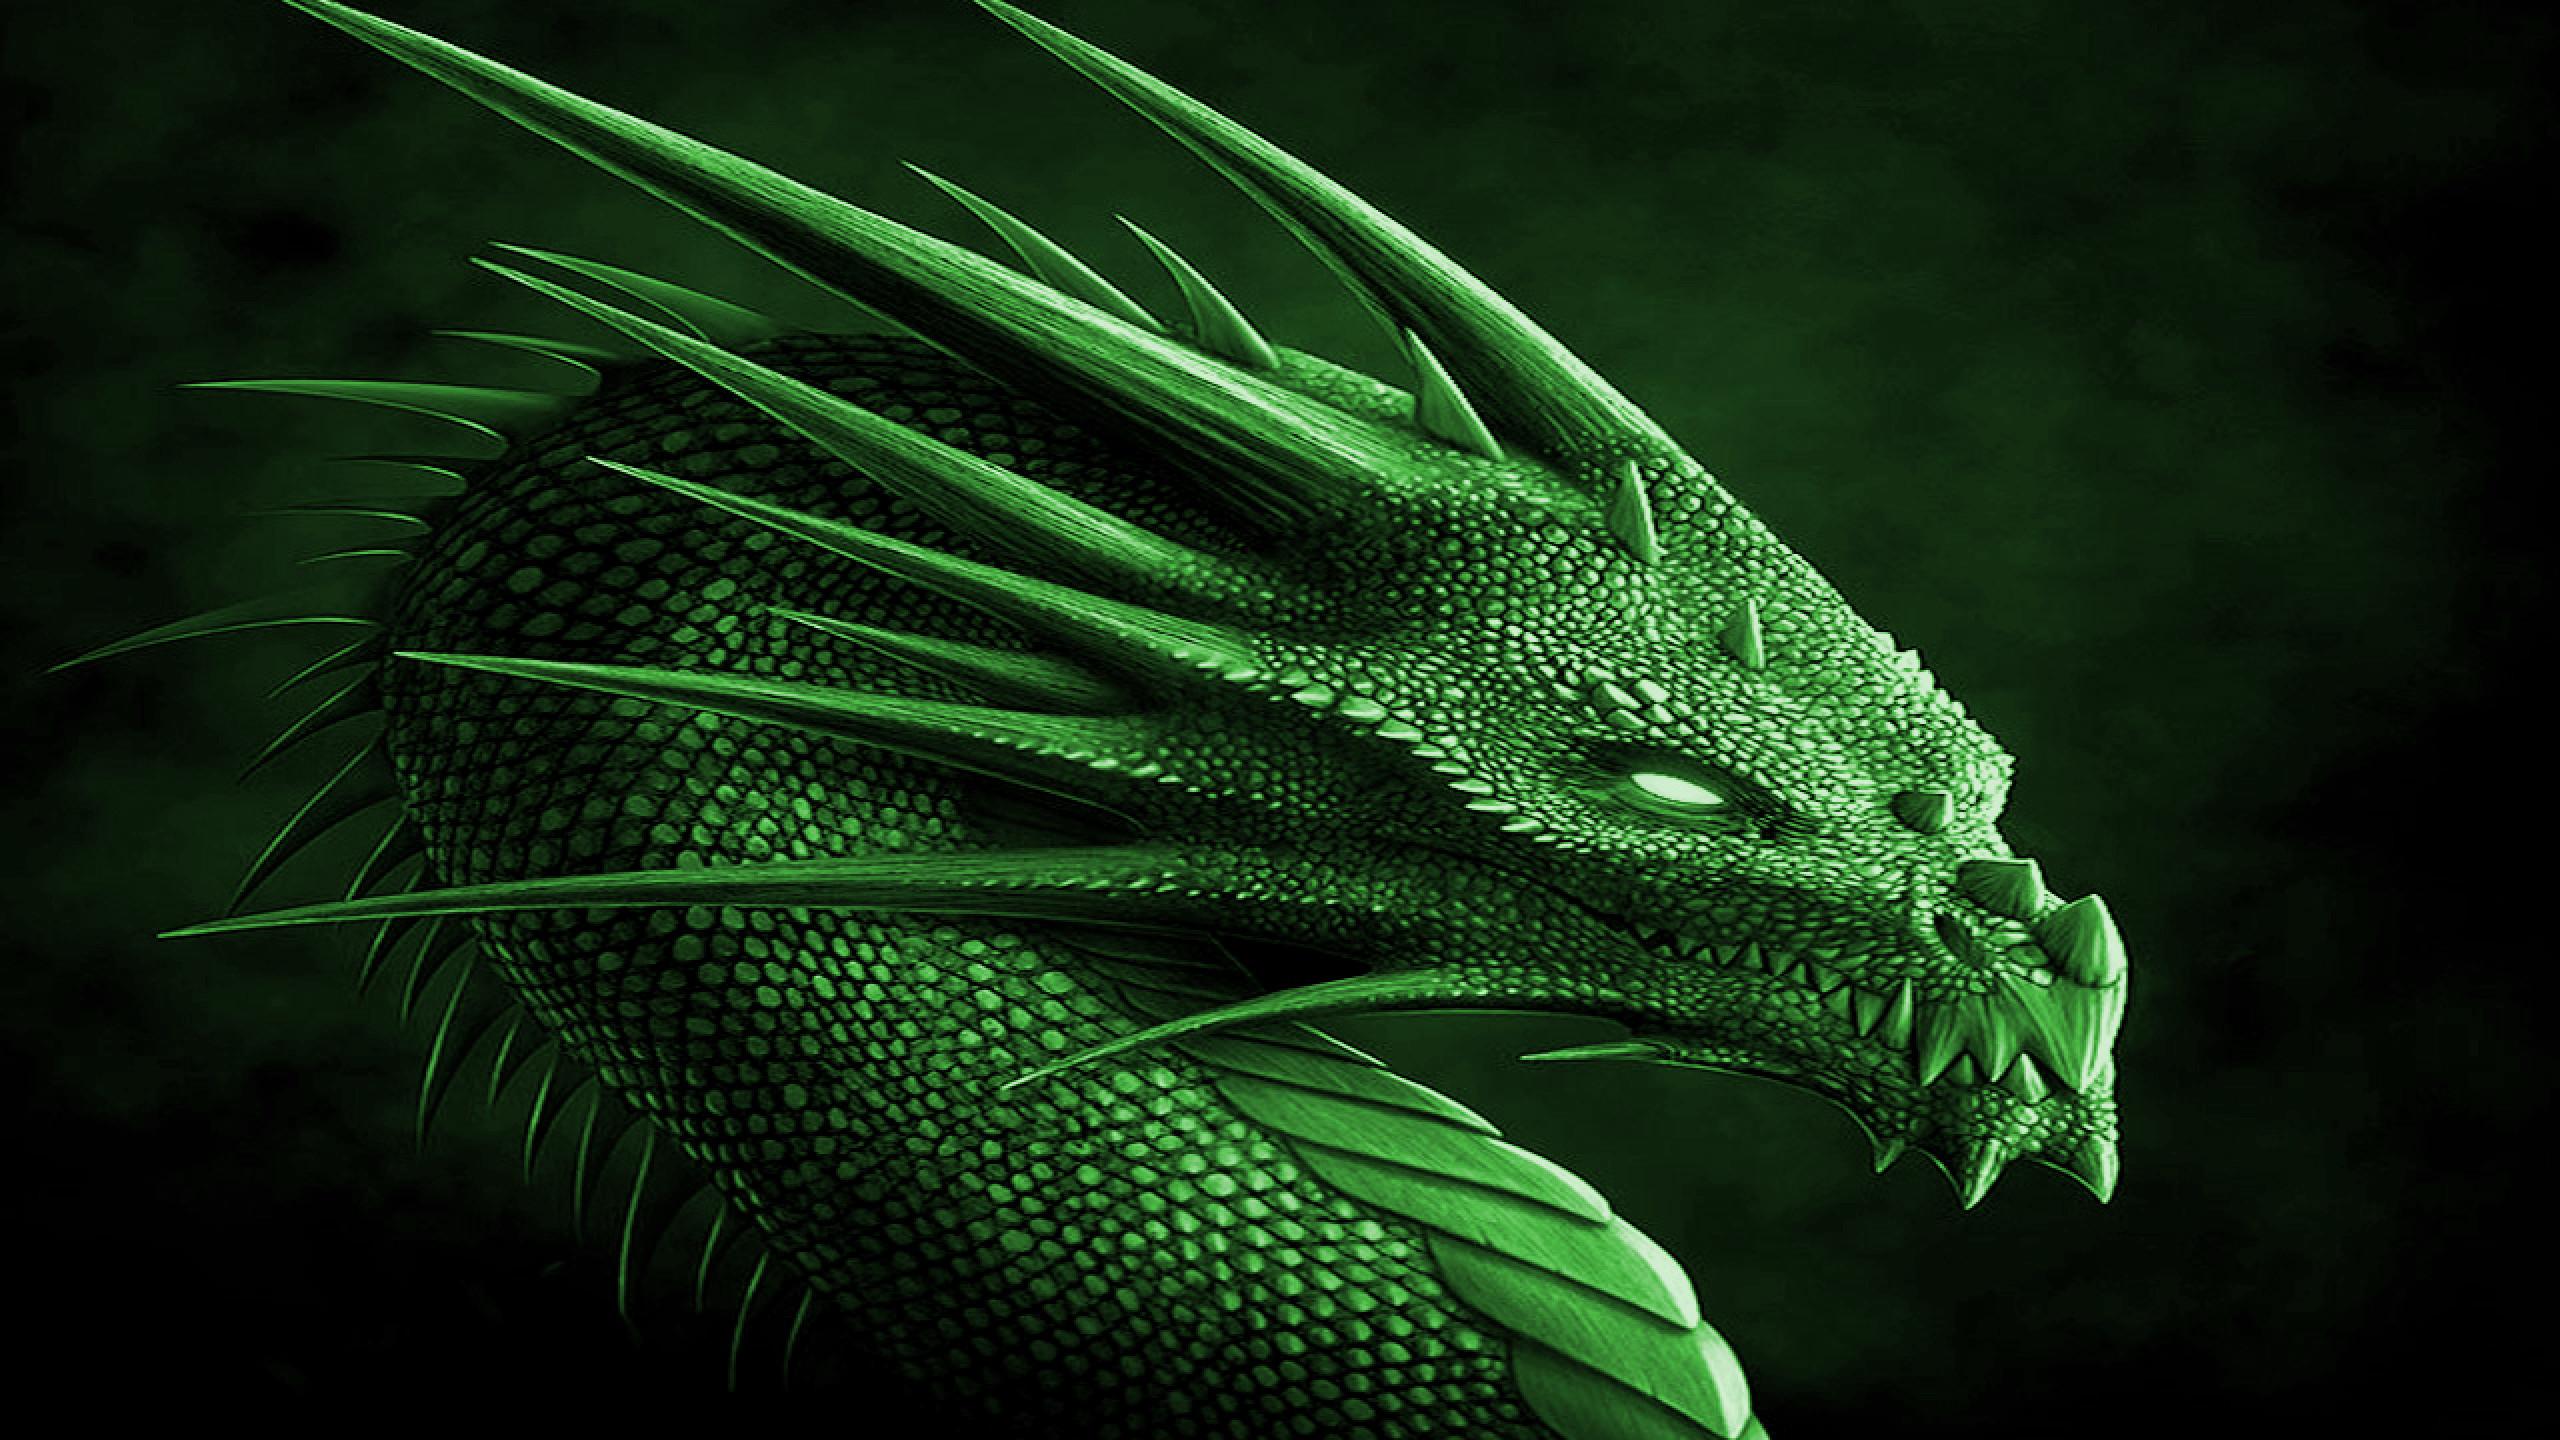 Dragon Head Wallpaper (58+ Images